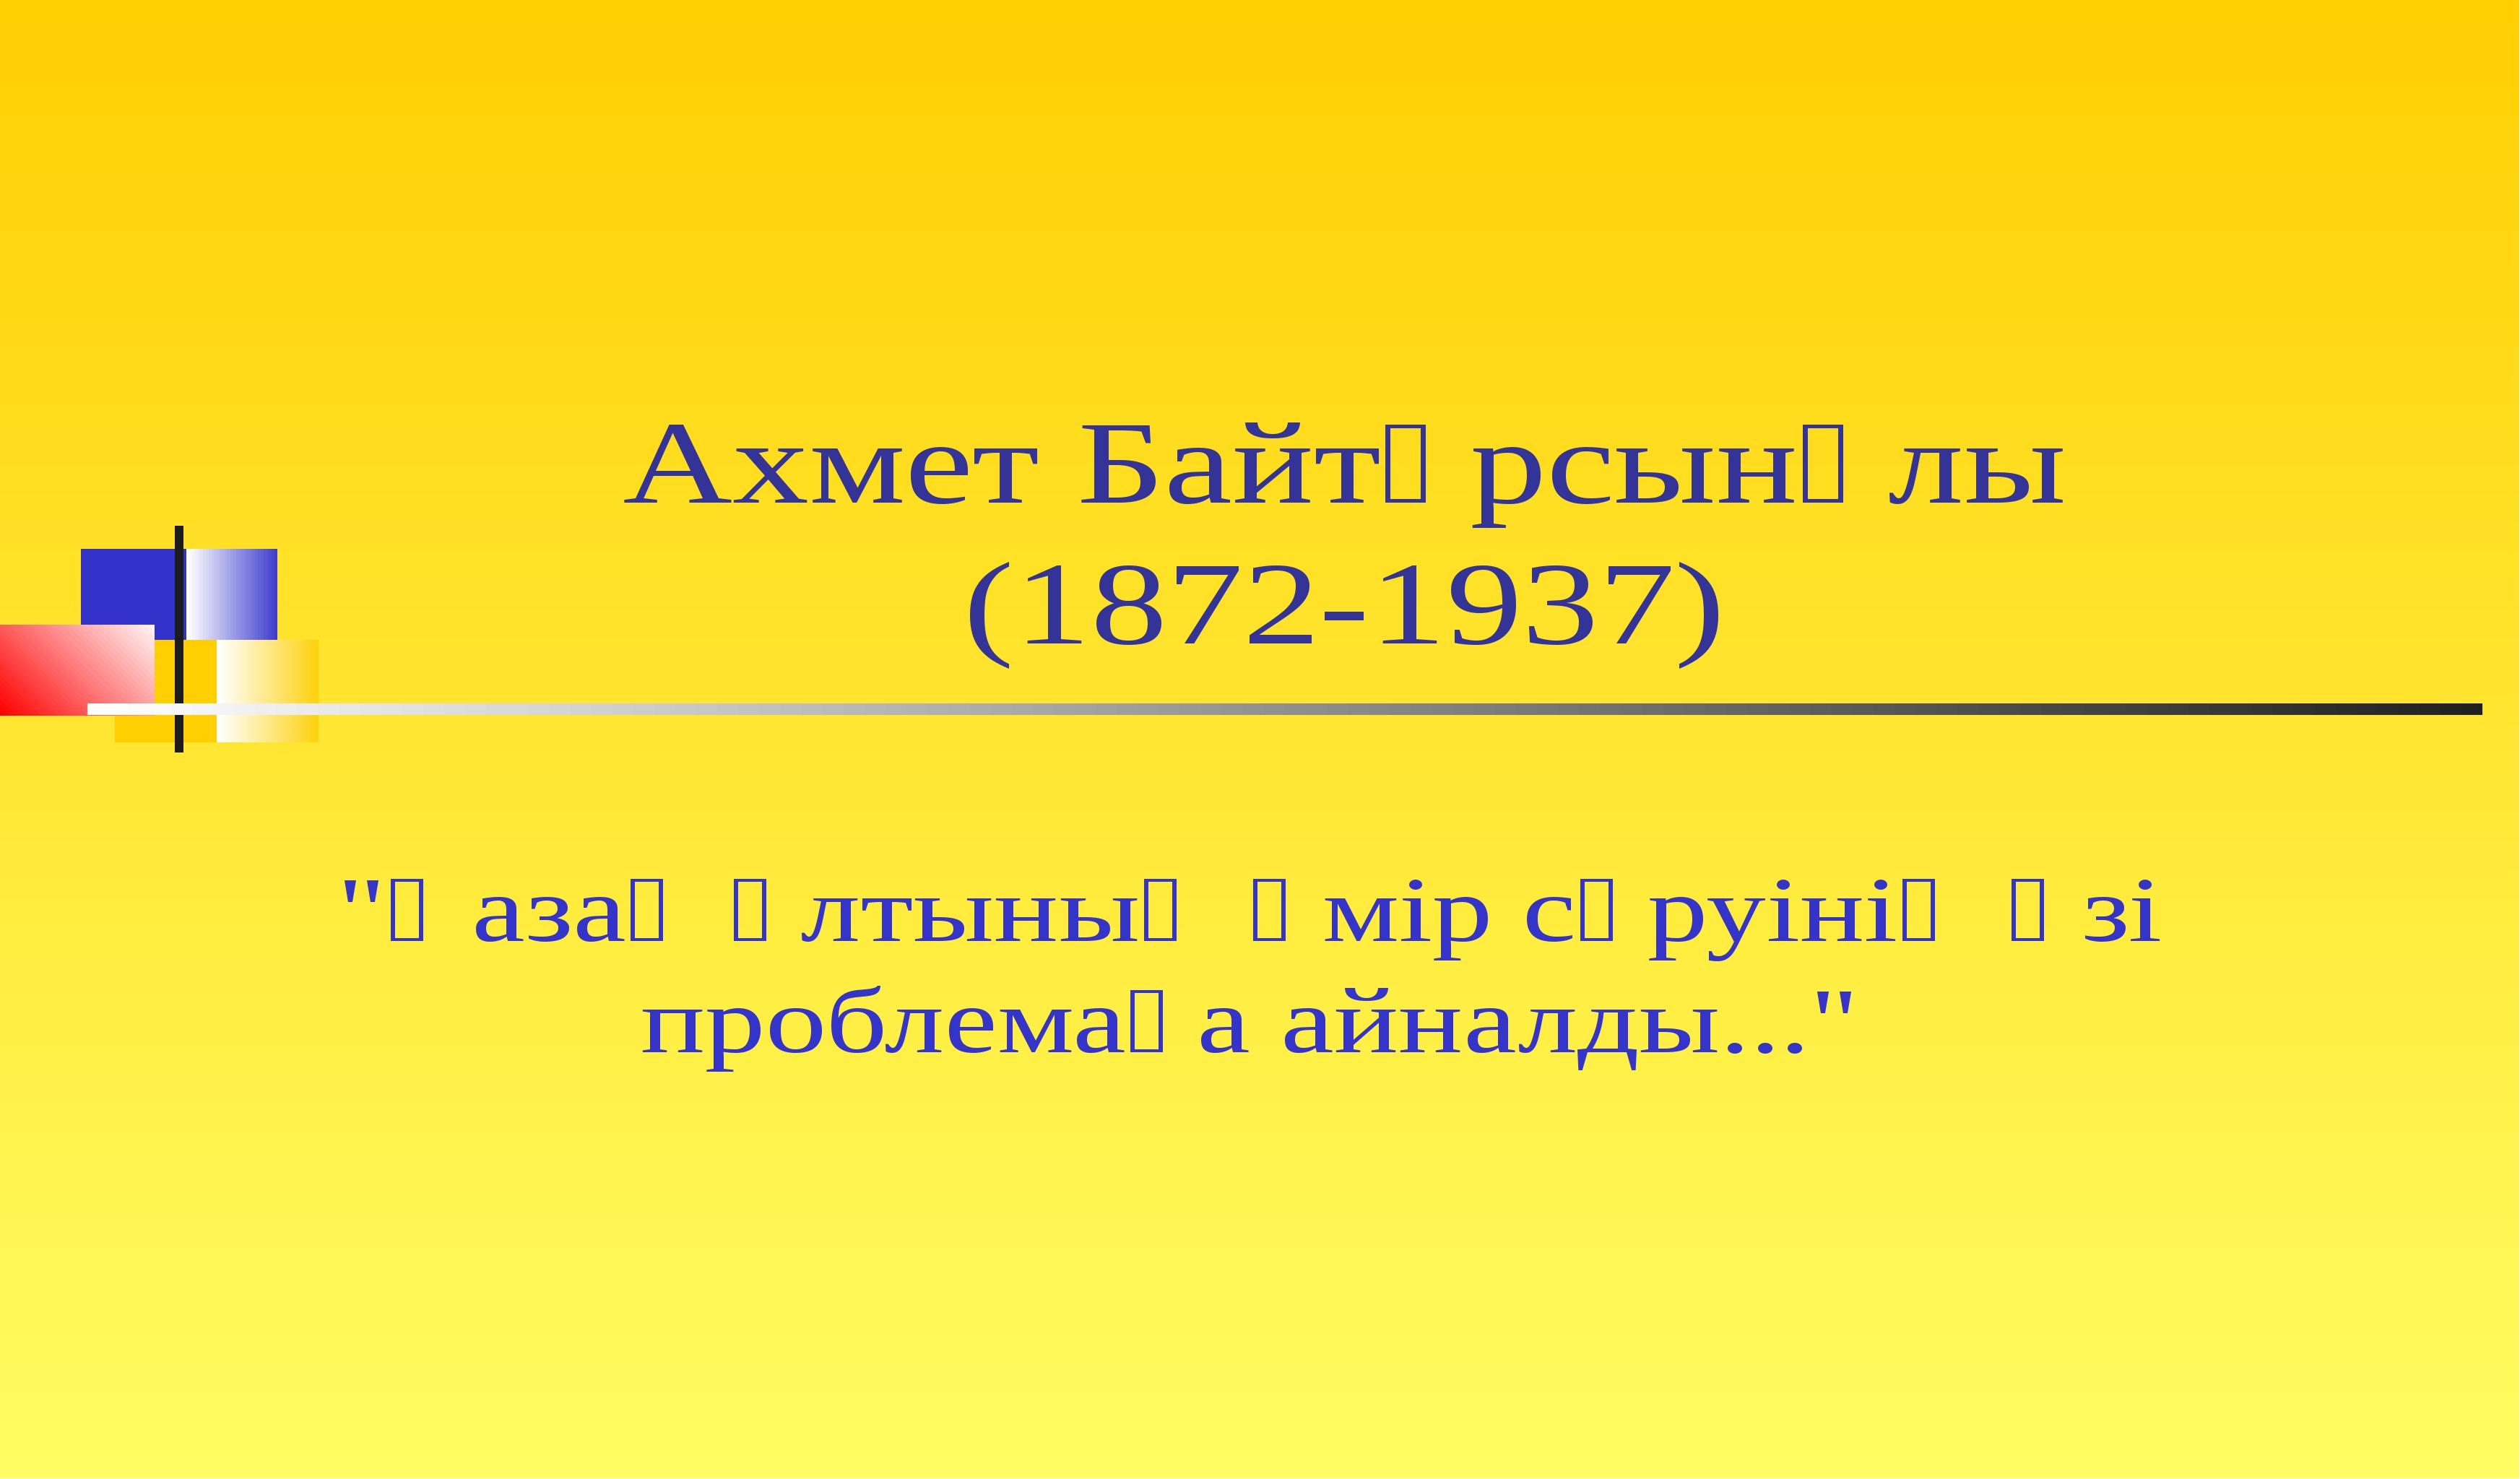 """Ахмет Байтұрсынұлы (1872-1937) """"Қазақ ұлтының өмір сүруінің өзі проблемаға ай..."""